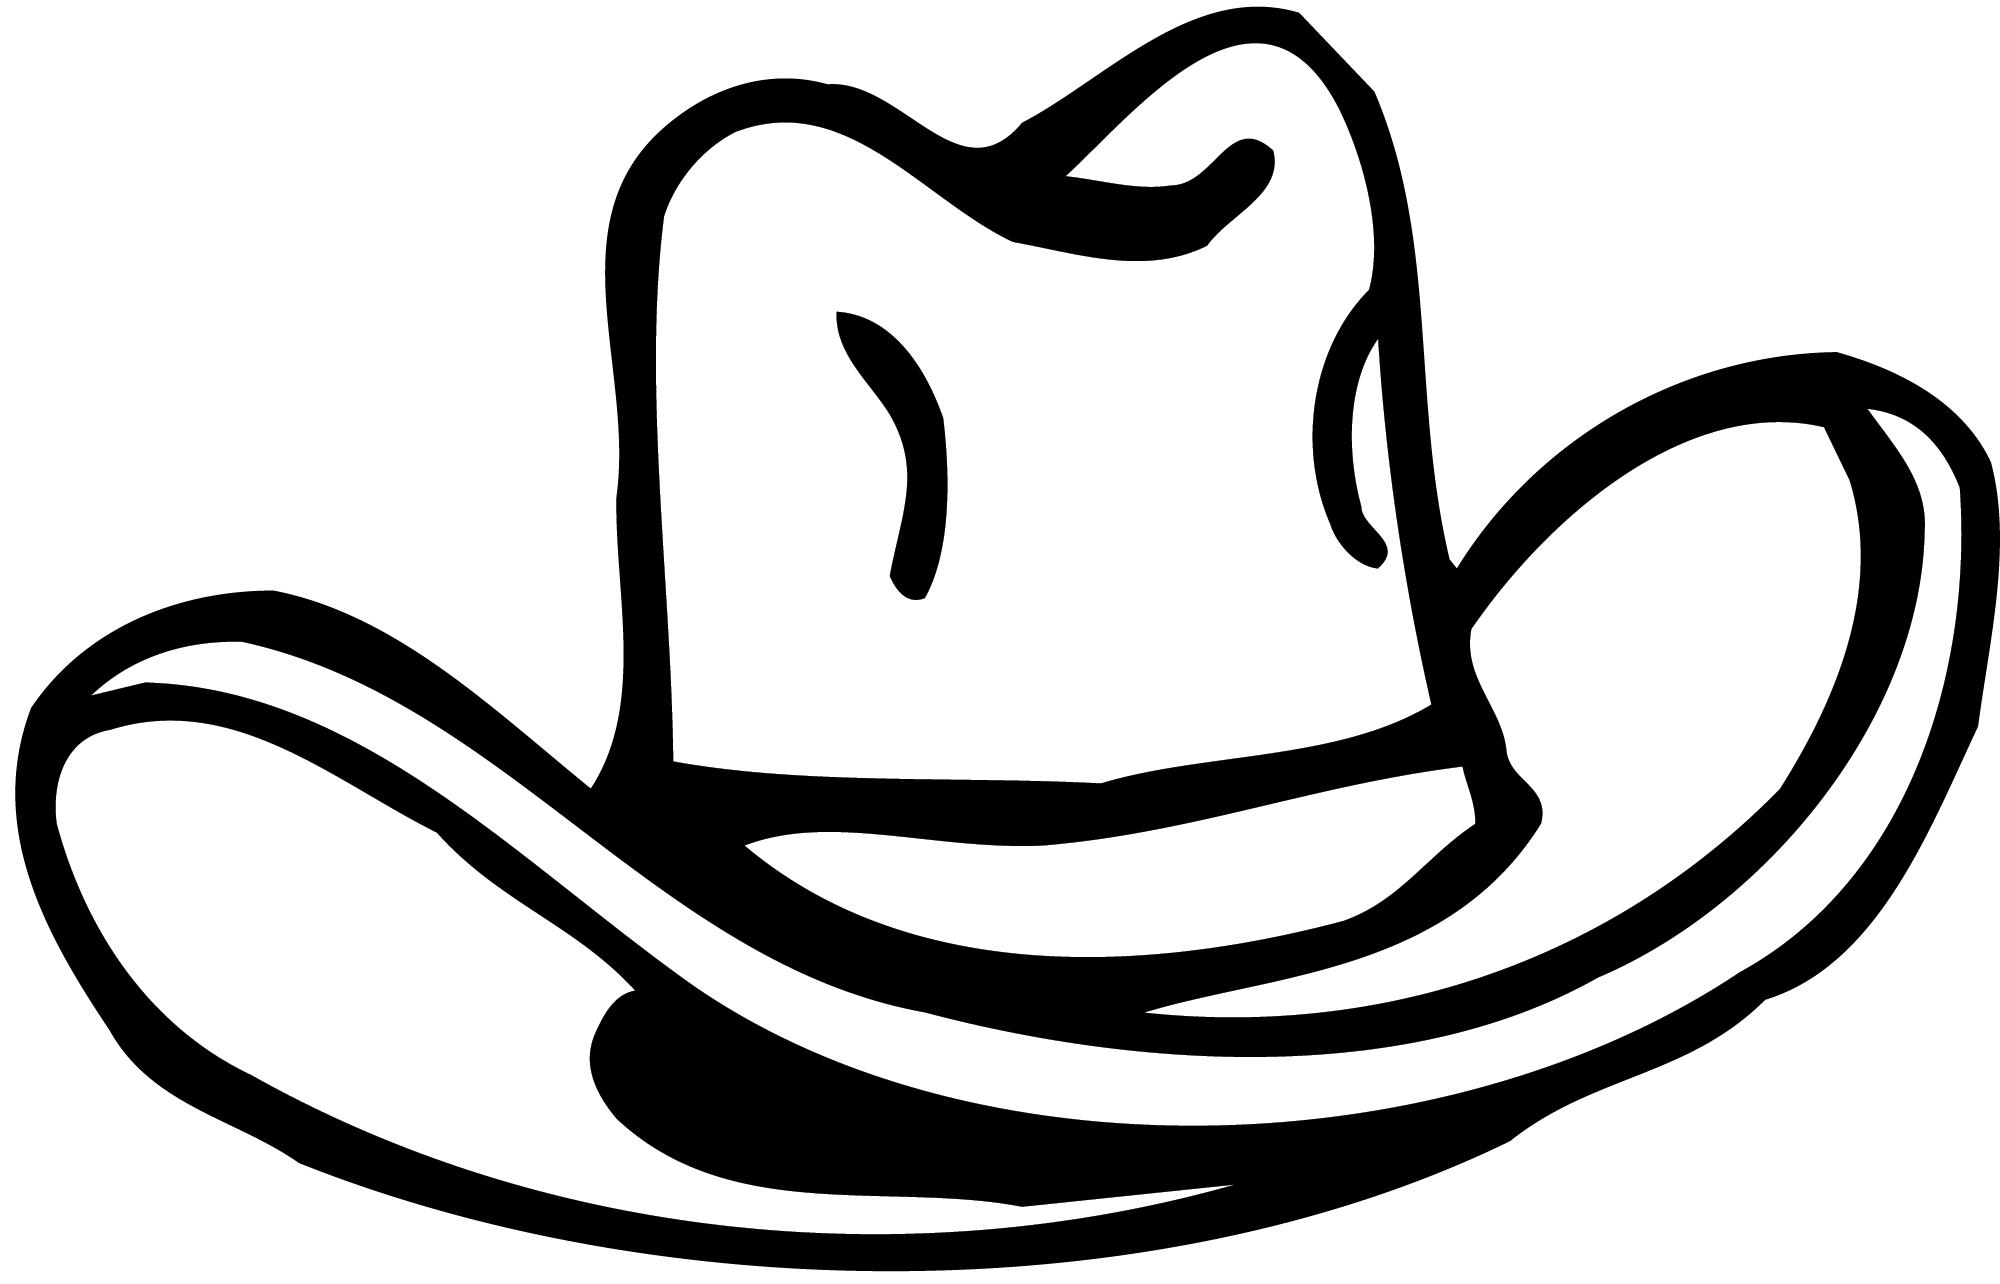 2000x1284 Cowboy Hat Clip Art Cake Clipart Clipart Image